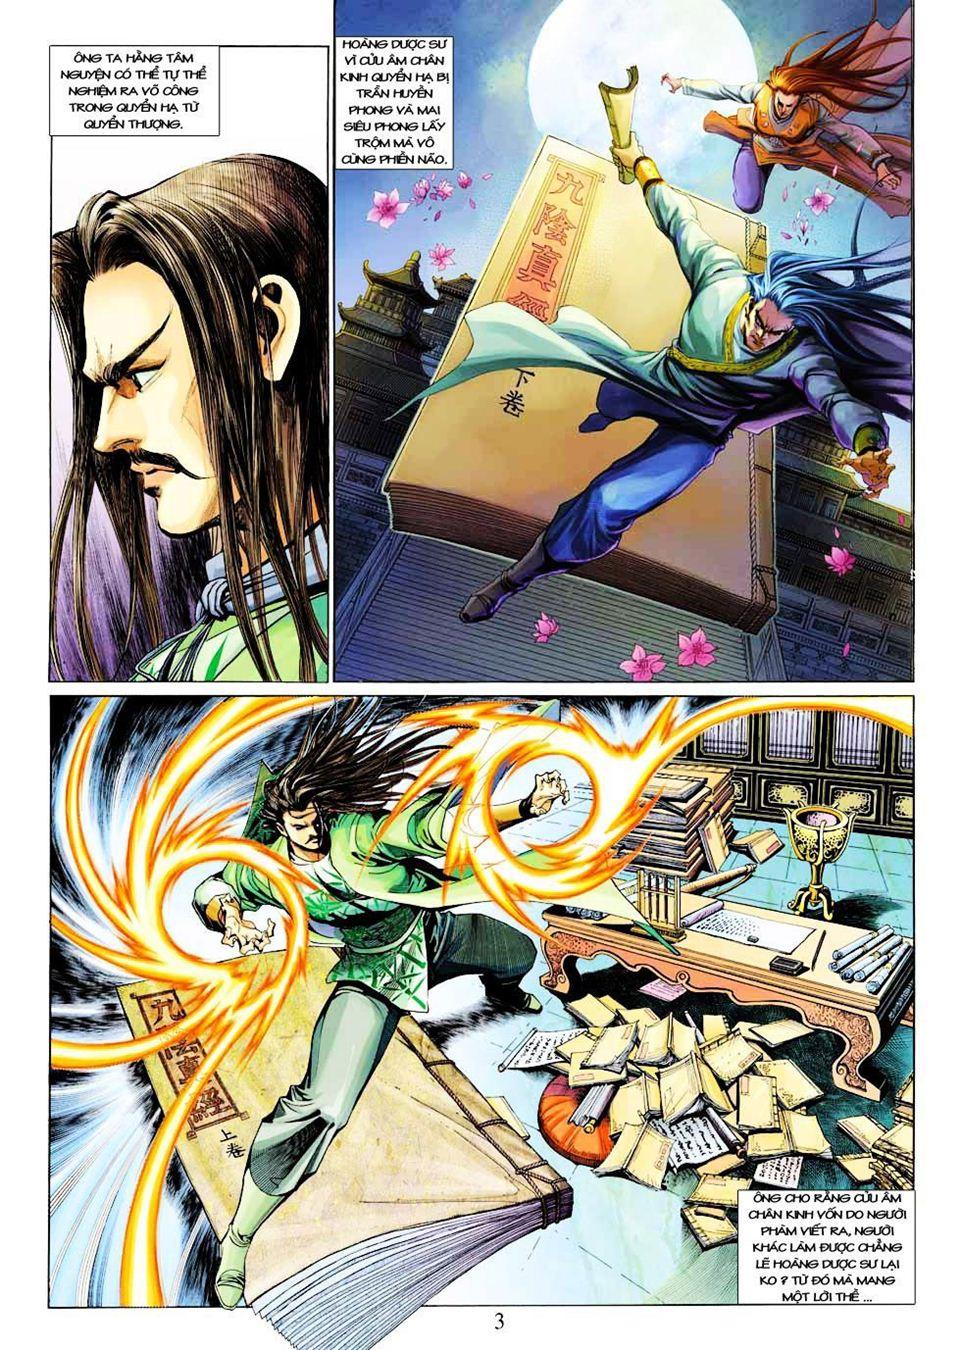 Anh Hùng Xạ Điêu anh hùng xạ đêu chap 33 trang 3